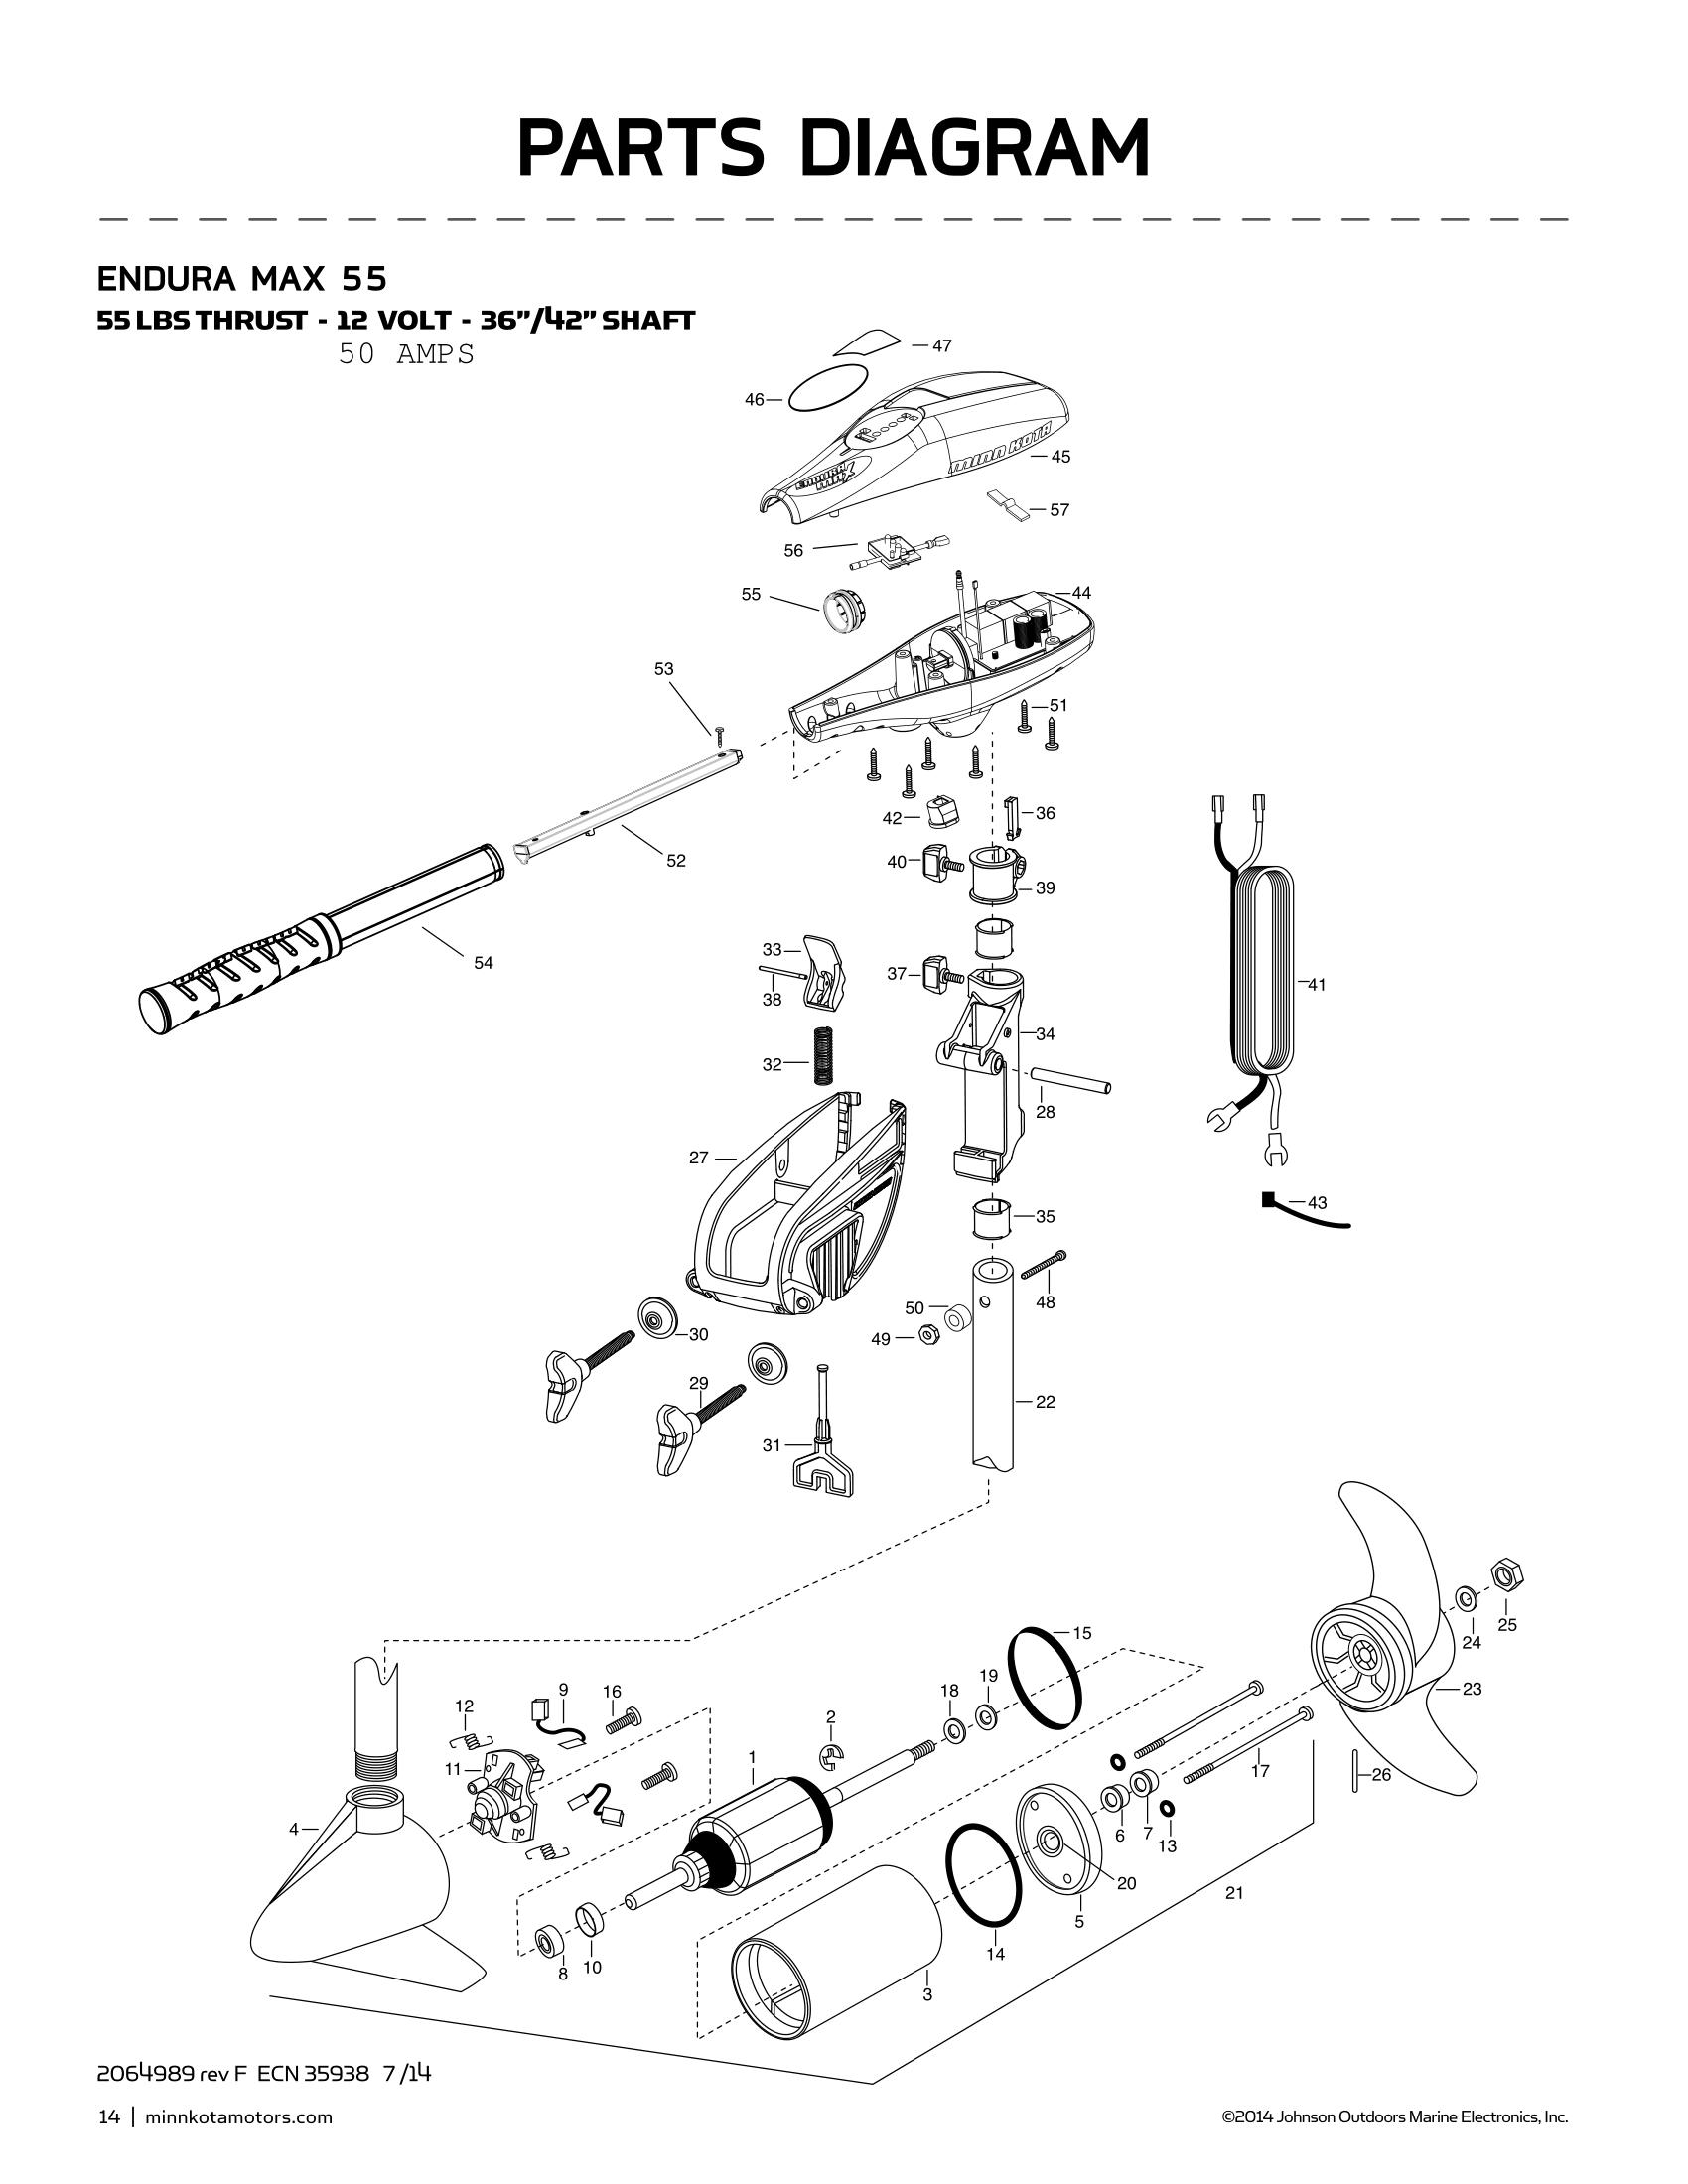 2015-mk-enduramax55-1.png